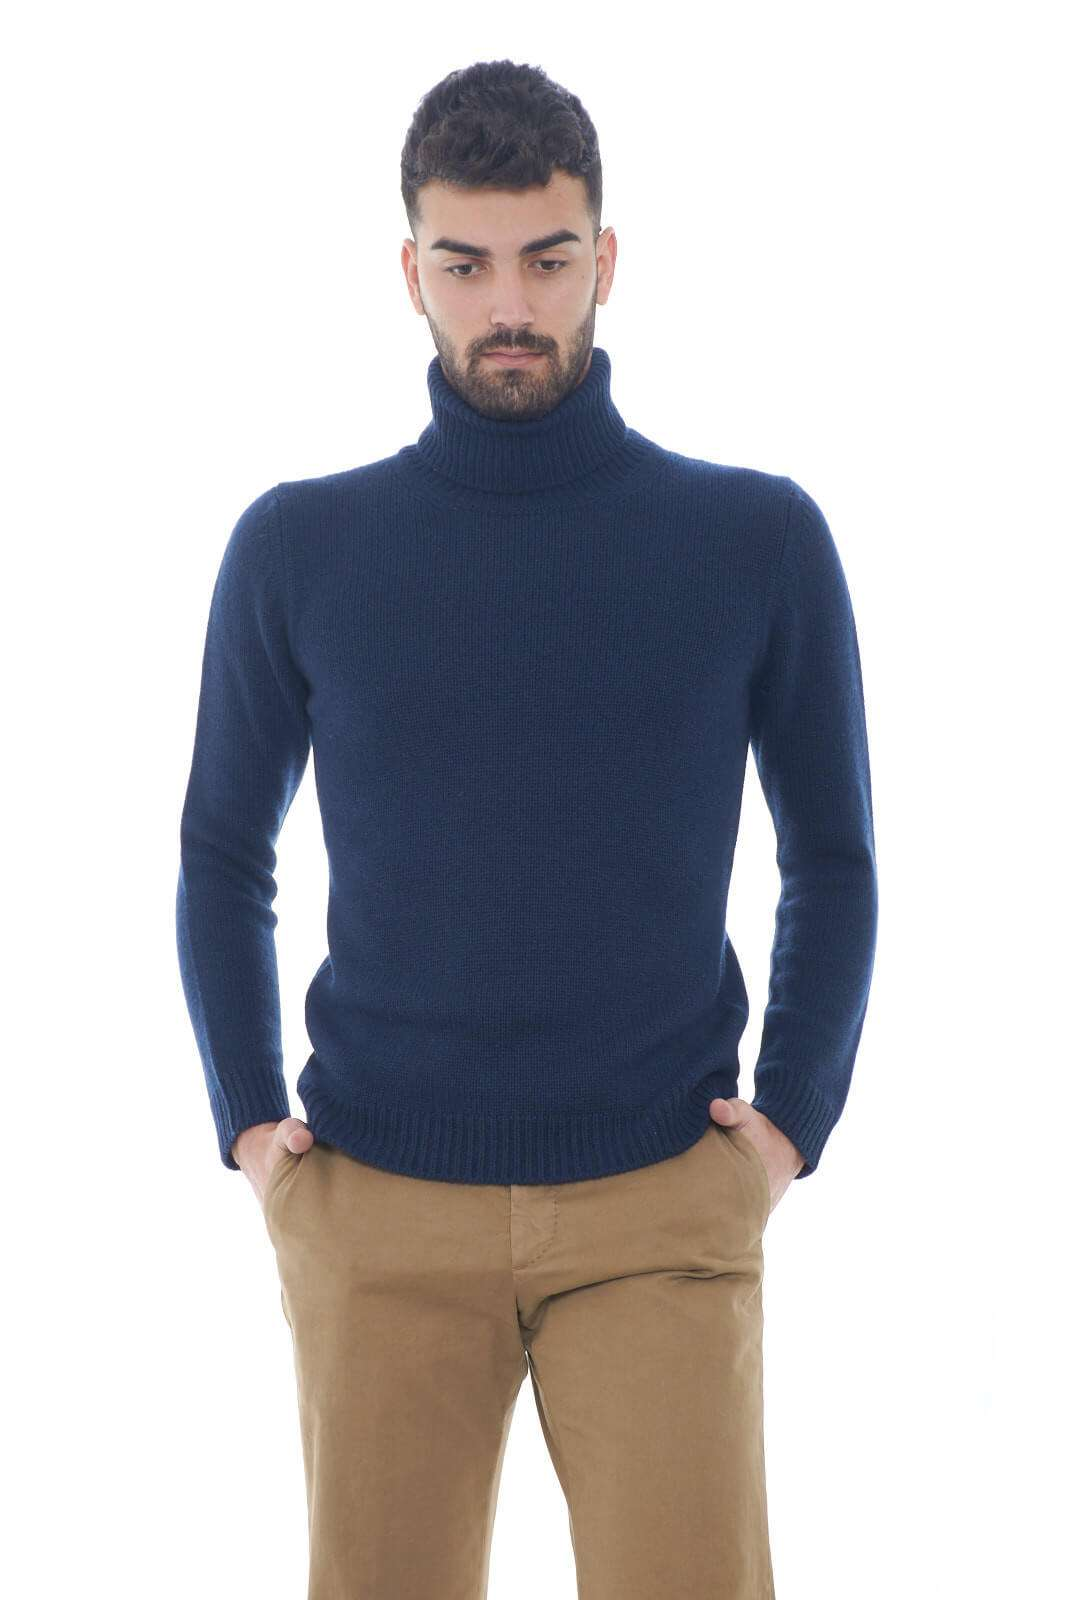 Un maglione realizzato con un misto unico di lana, seta e cashmere, per un comfort estremo, e sopratutto per restare al caldo anche con il freddo invernale. Il suo stile chic e moderno, garantirà un'aspetto curato e impeccabile ad ogni outfit tu voglia abbinarci, restando sempre al passo con le tendenze del momento.  Il modello è alto 1,80m e indossa la taglia 48.